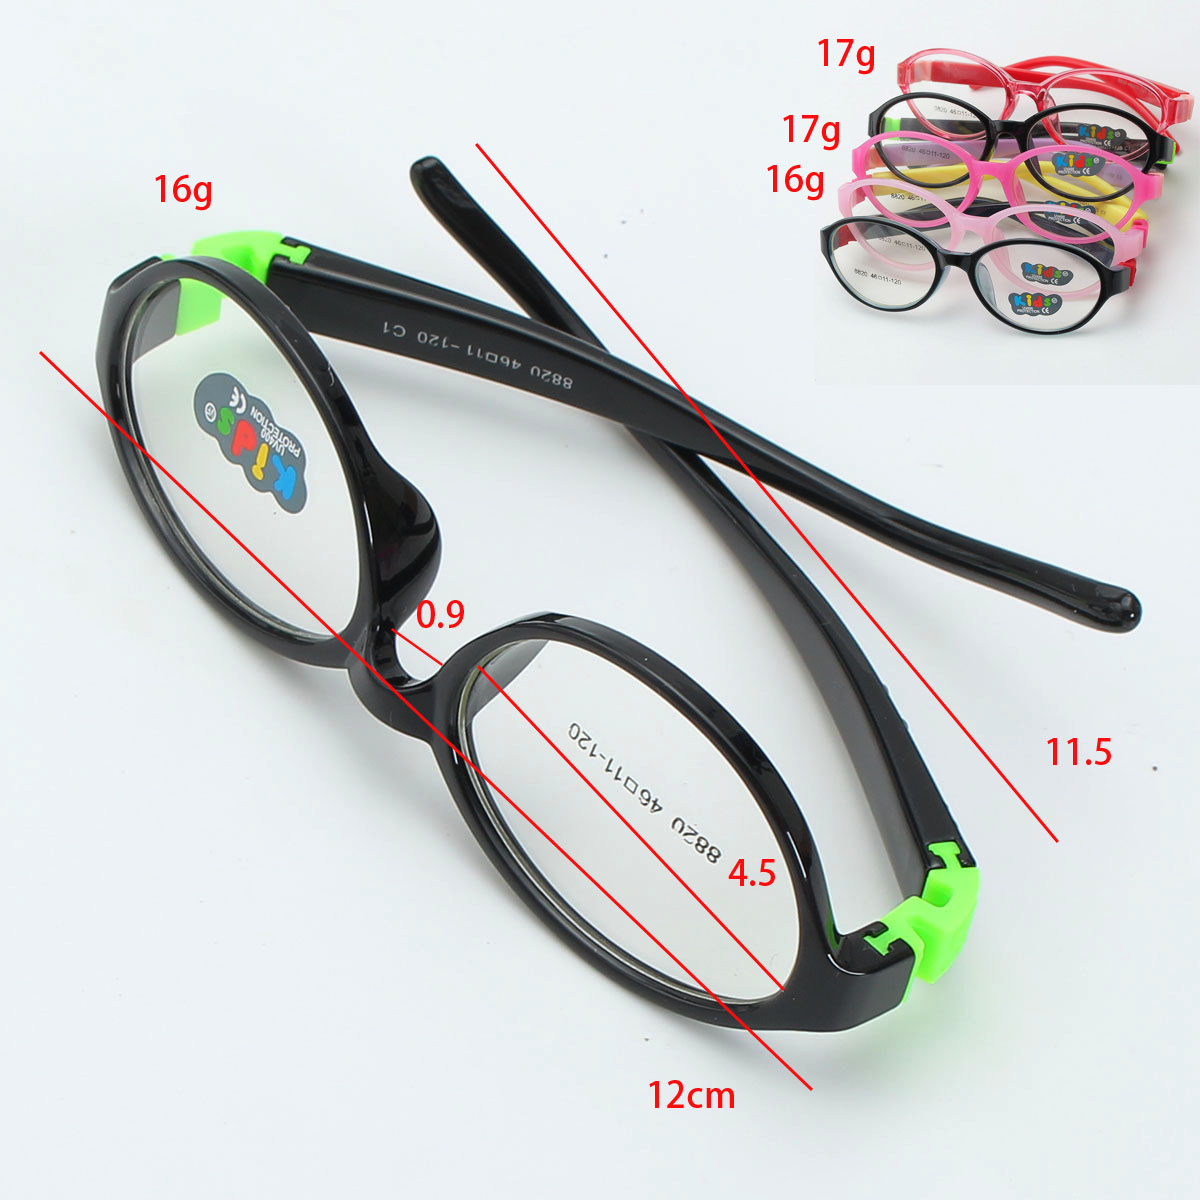 1 Paar Kinder Optische Rx Brillen Optische Brillen Neue Studenten Kinder Brille Rahmen Mädchen Junge Myopie Brillen Rahmen Gläser So Effektiv Wie Eine Fee